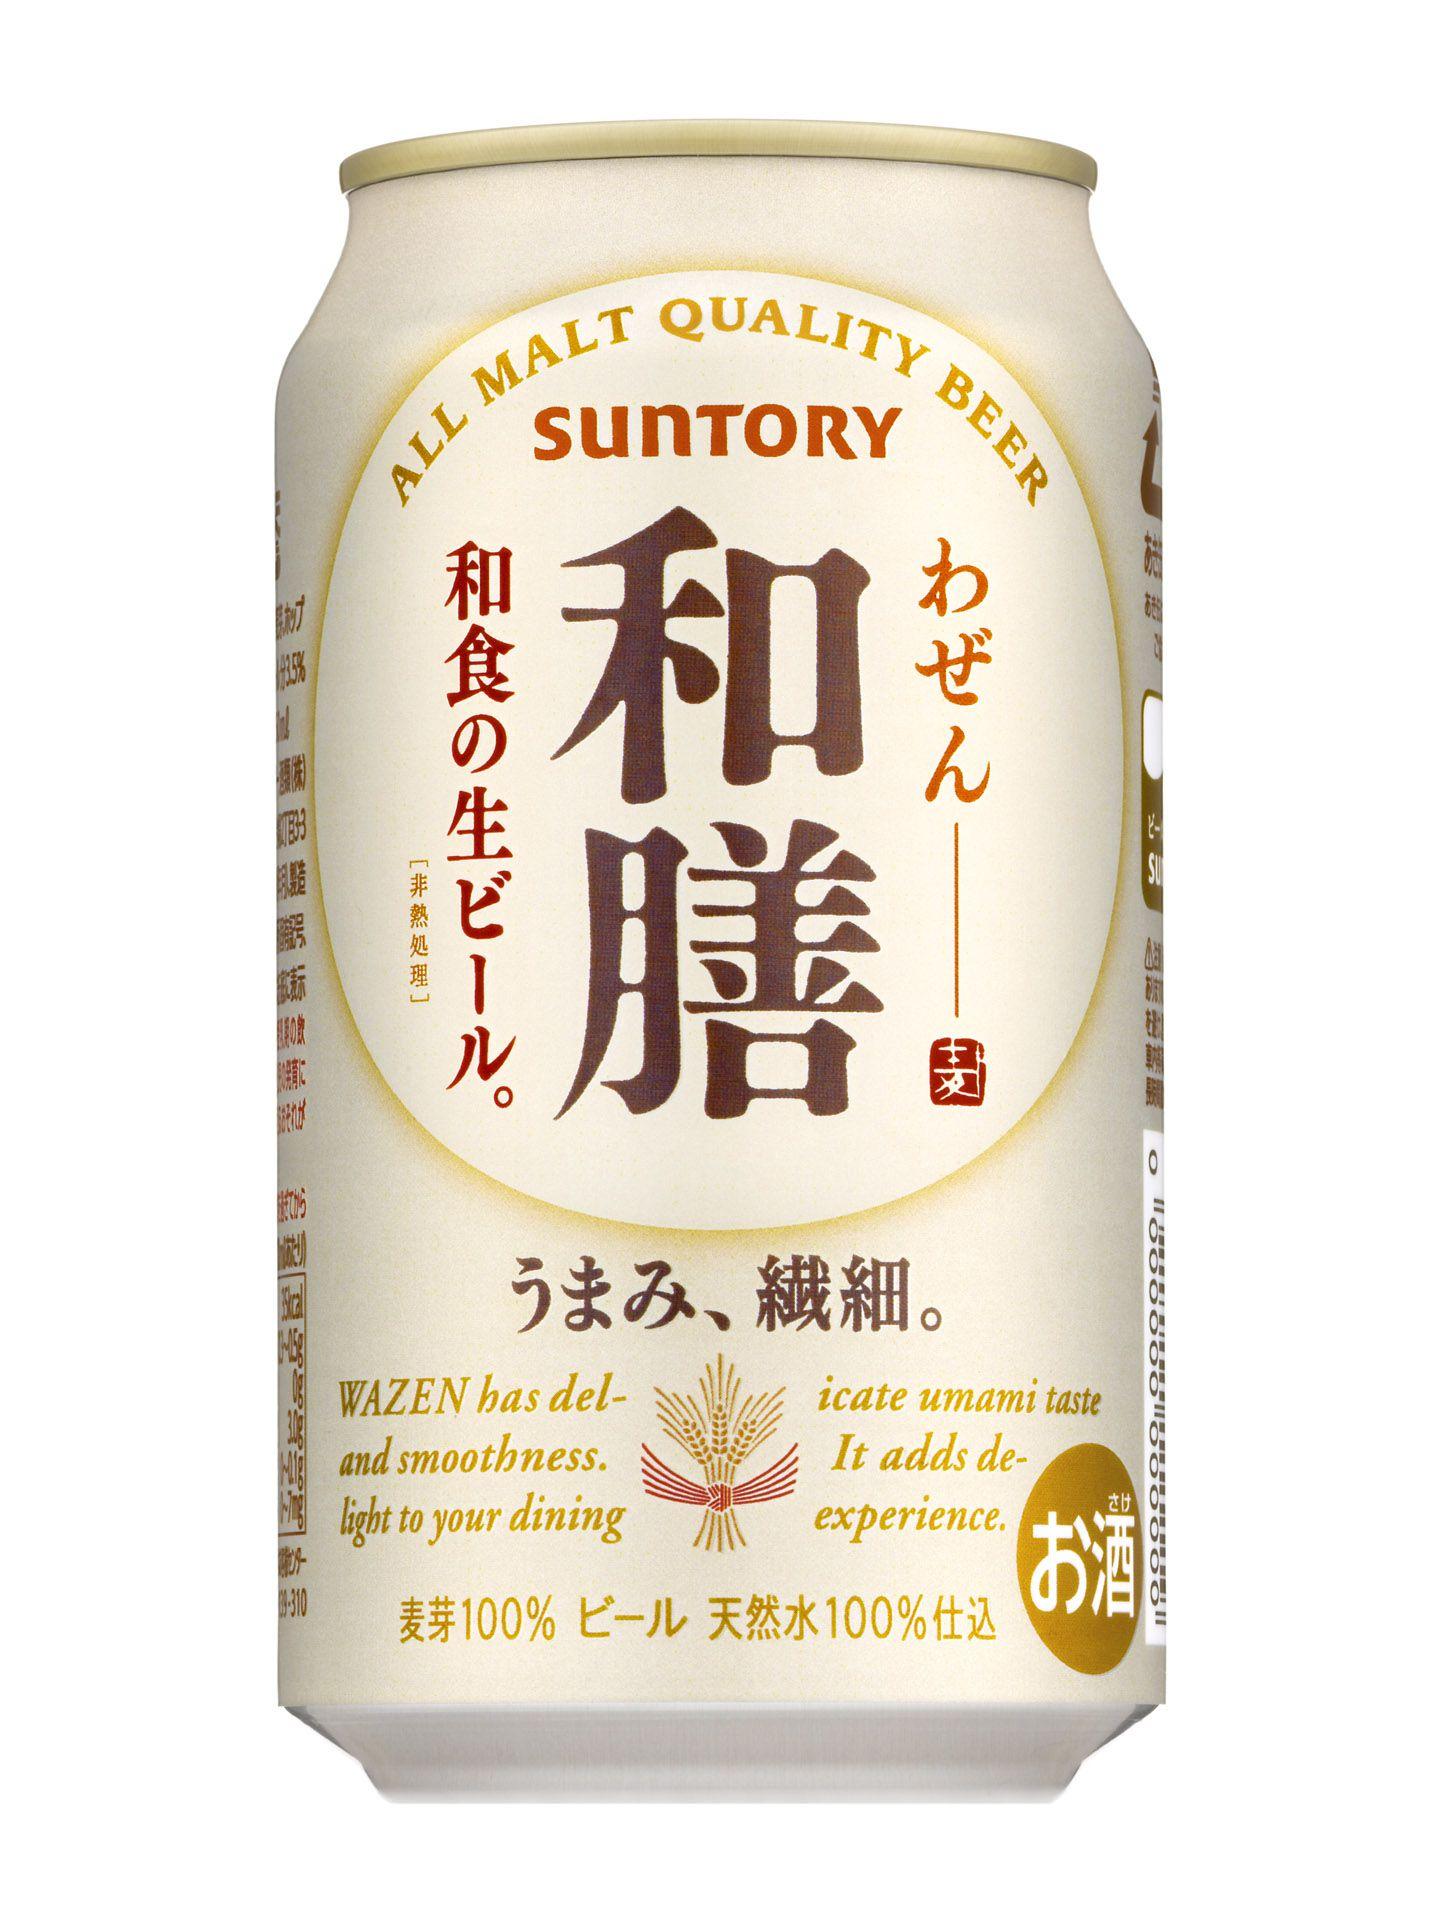 suntory 和膳 jp art direction pinterest beer packaging